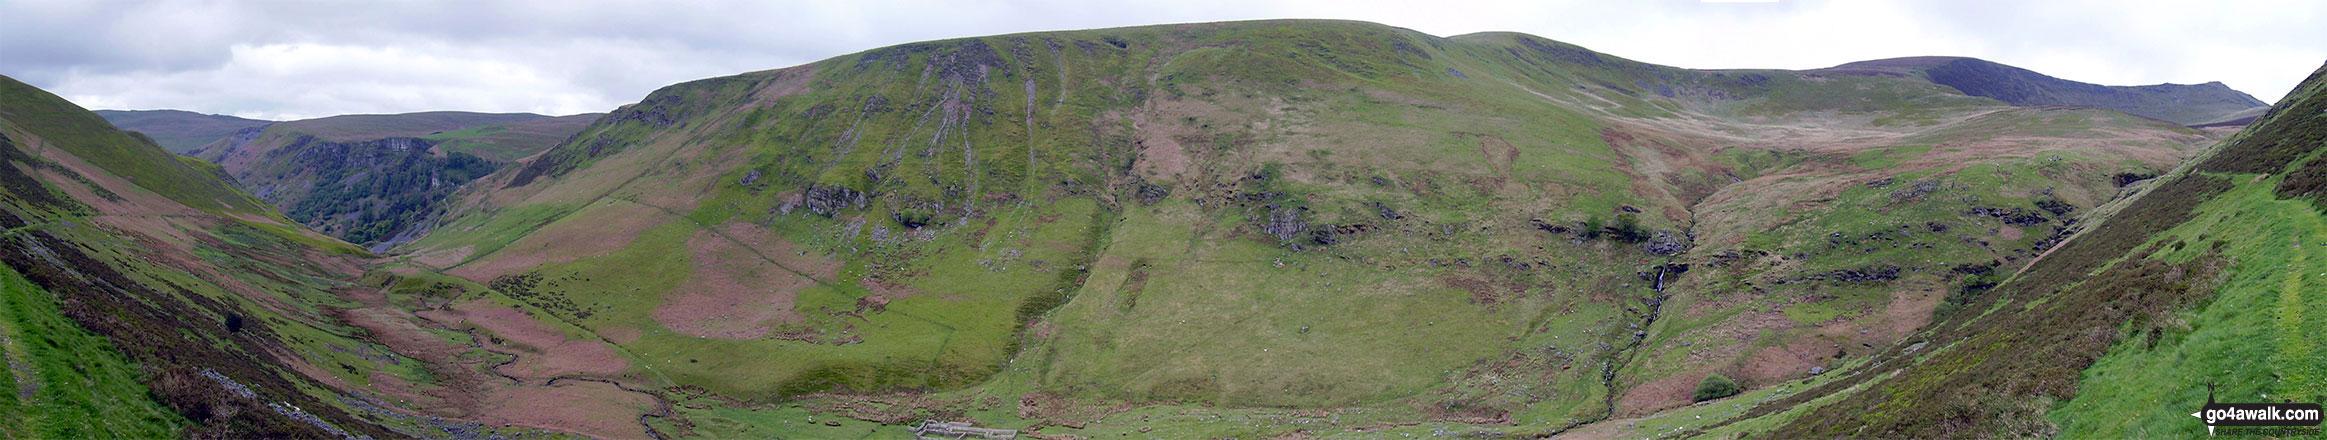 The Pistyll Rhaeadr crags (far left), Trum Fellen, Moel Sych, Cadair Berwyn and Cadair Berwyn (North Top) (far right) from Nant y Llyn near Llyn Lluncaws